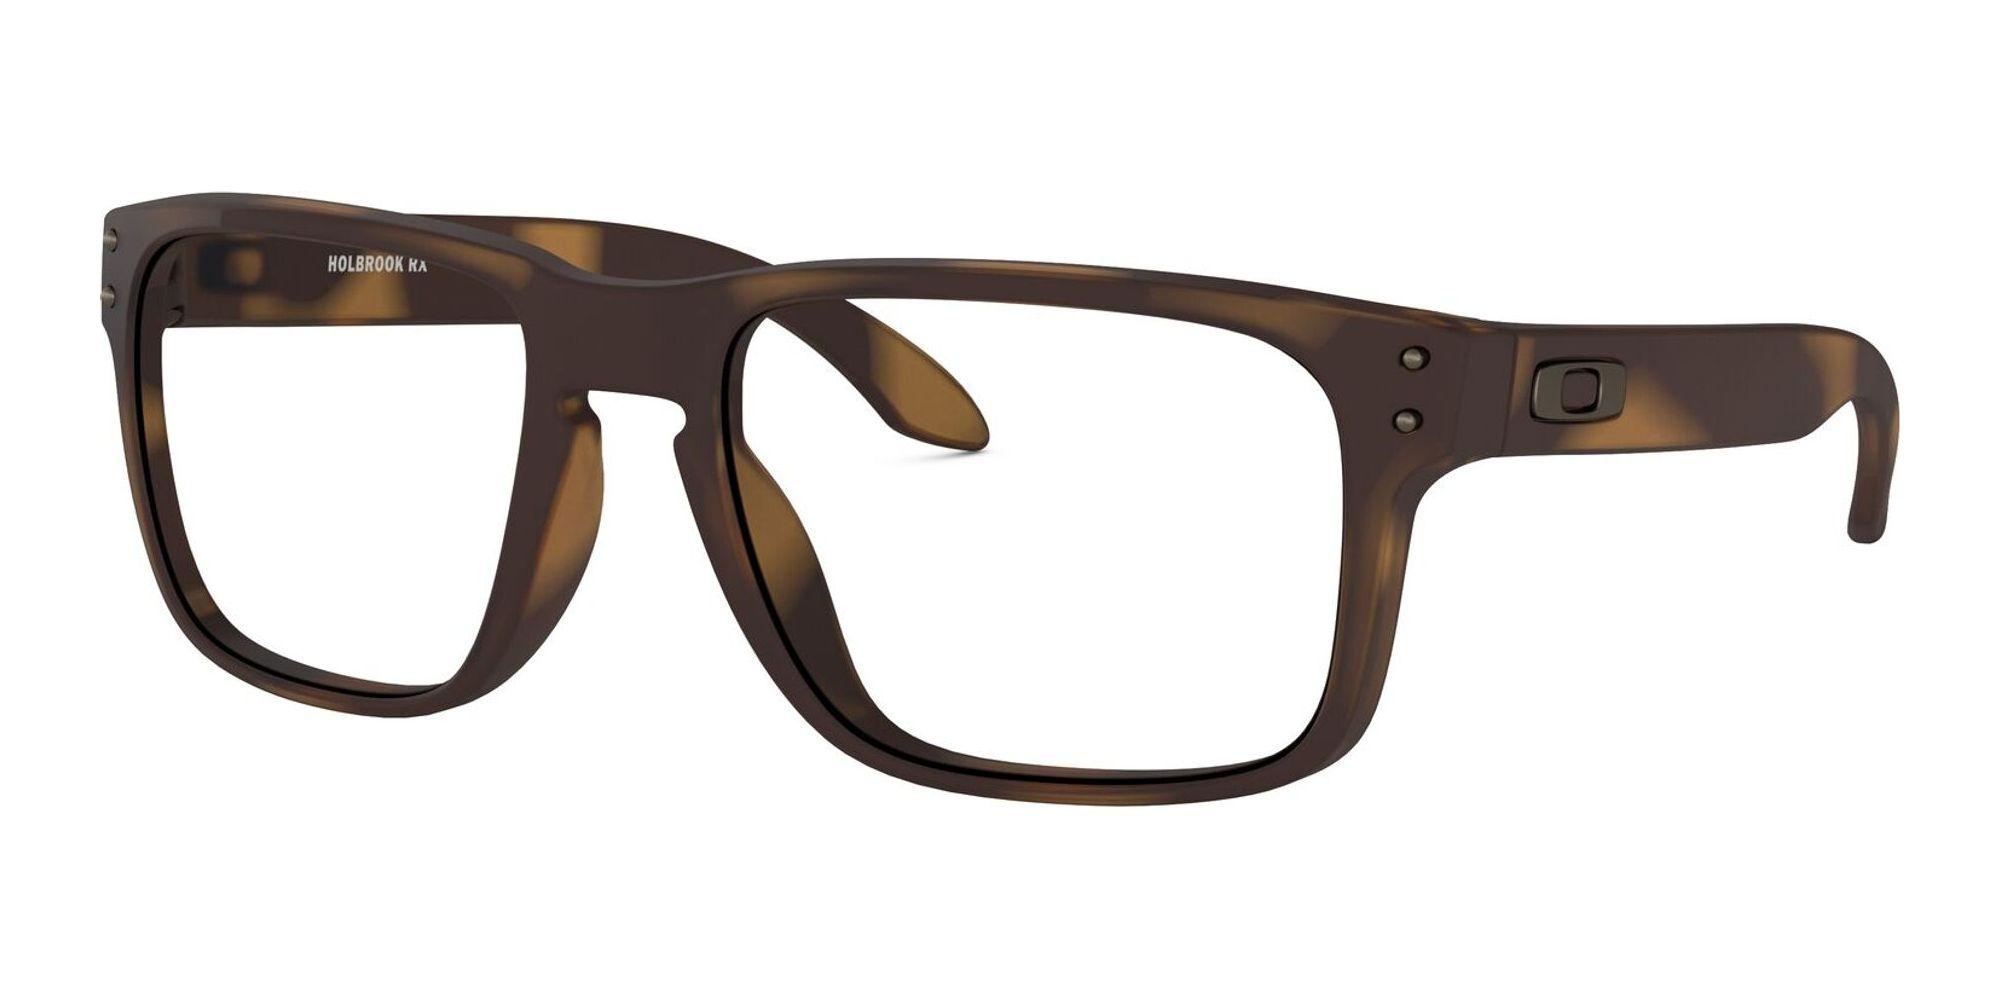 Oakley briller HOLBROOK RX OX 8156